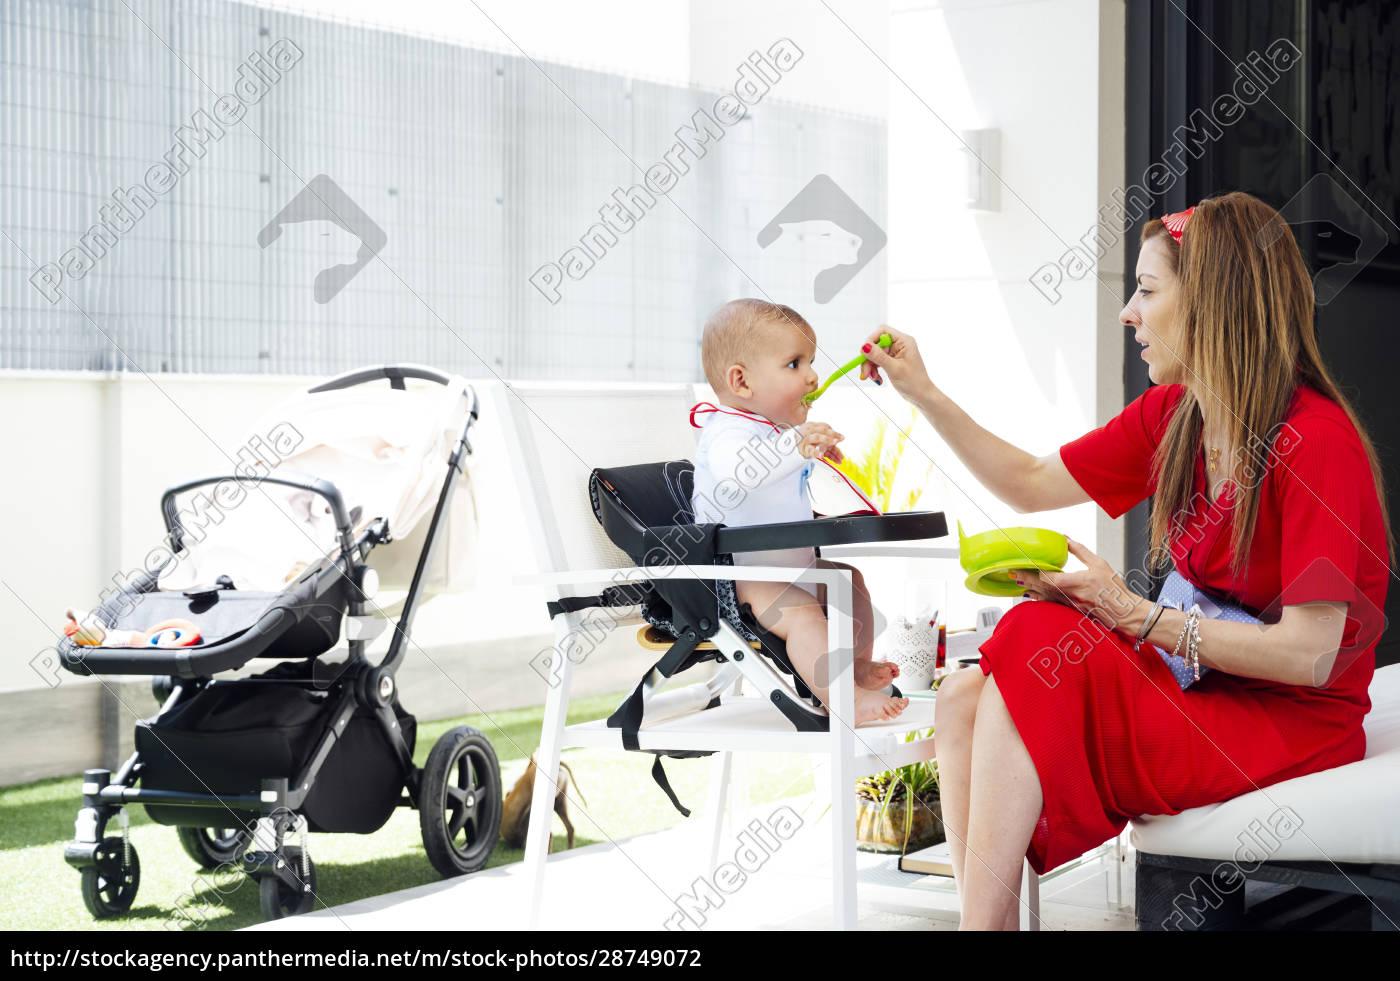 madre, che, nutre, il, figlio, carino - 28749072